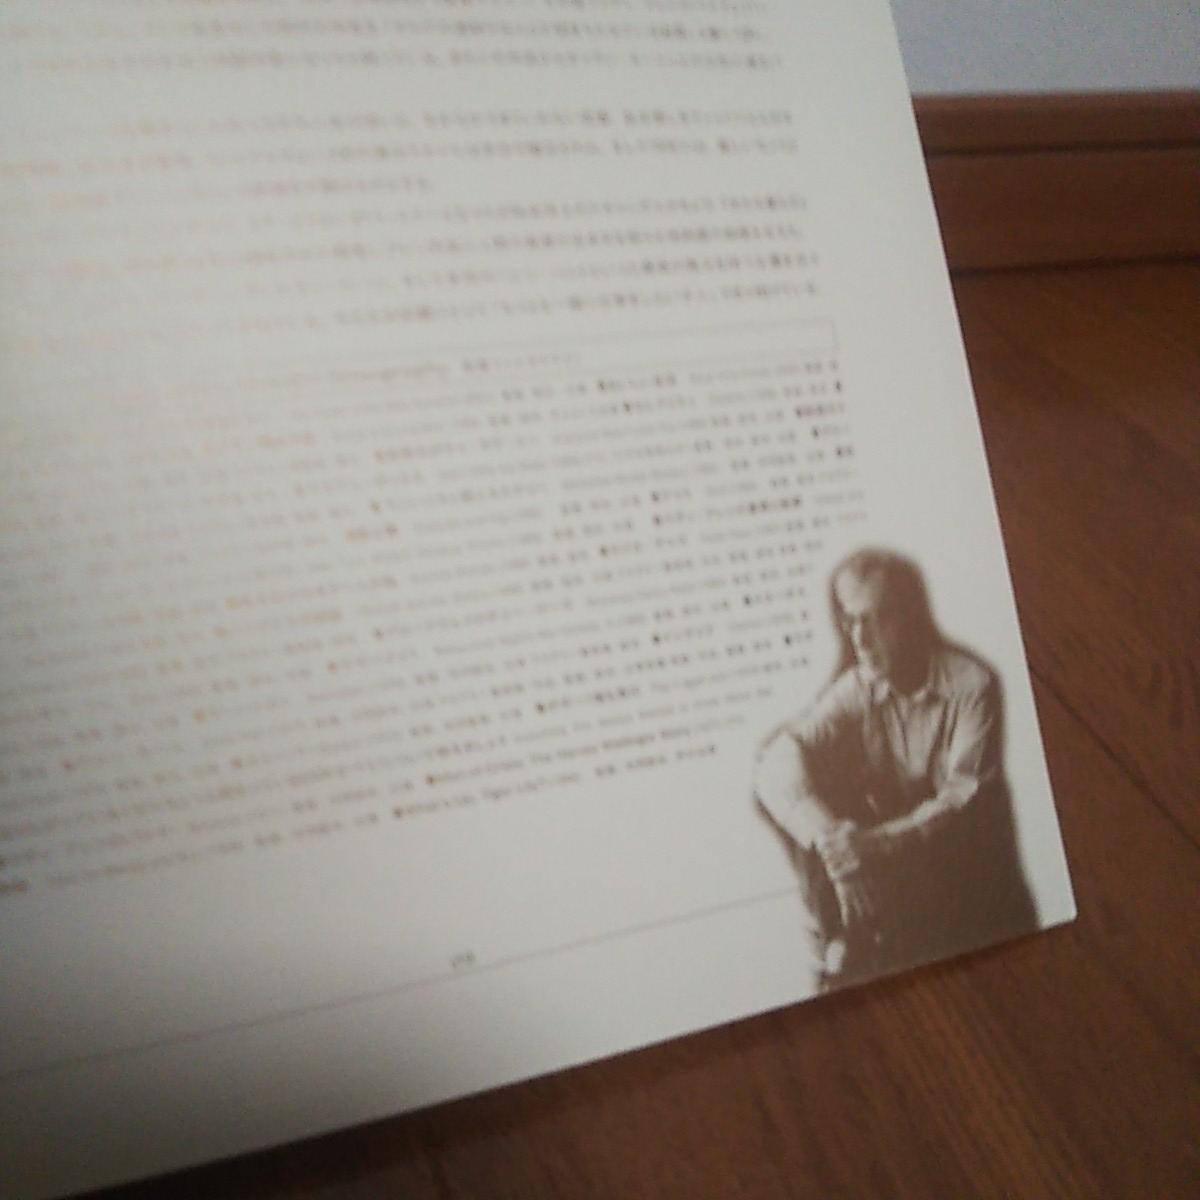 ウディ・アレン主演「スコルピオンの恋まじない」公開時関係者向けプレスシートWoody Allen_画像3